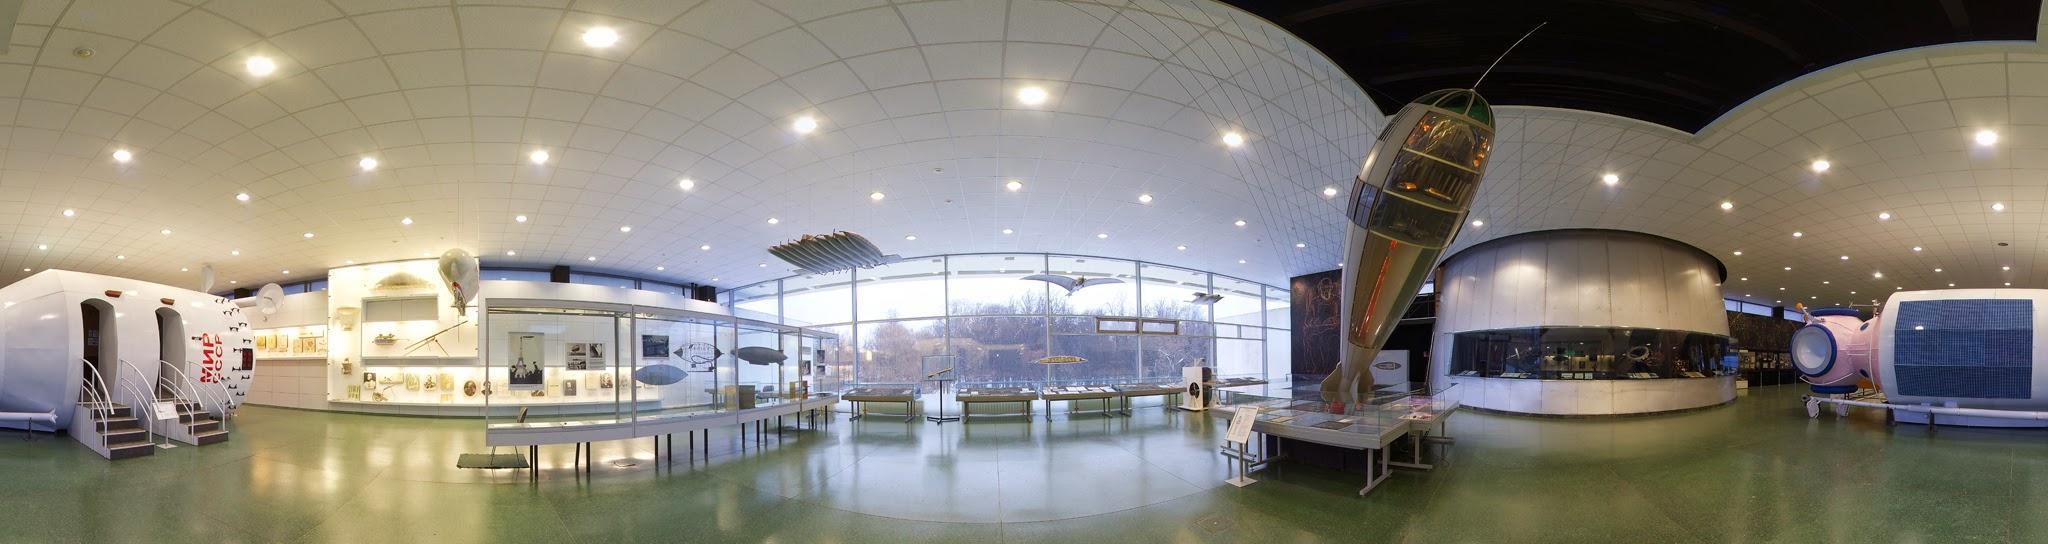 DSC09443-Panorama